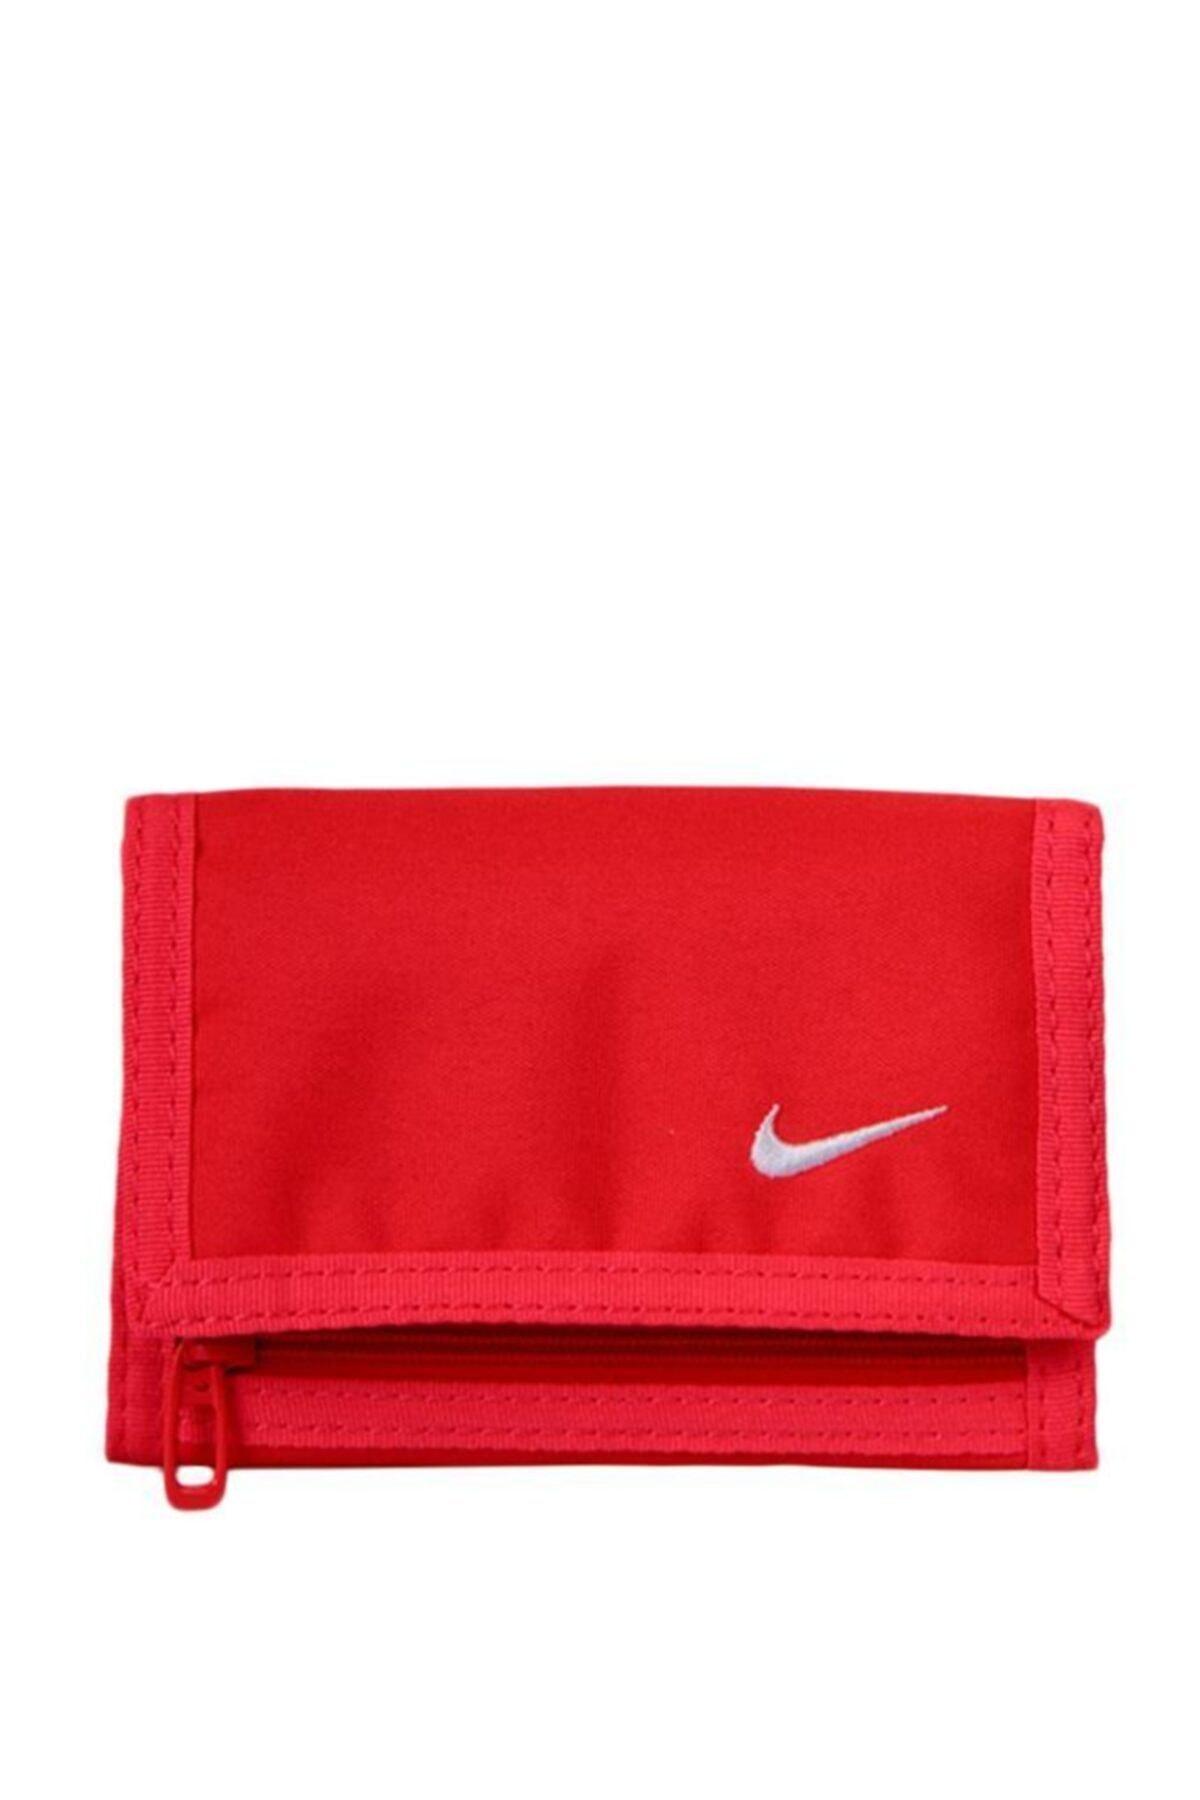 Nike Unisex Basic Wallet Spor Cüzdan Kırmızı 1